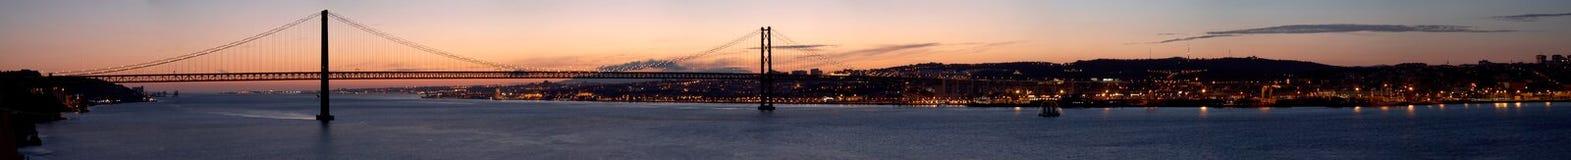 Panorama de passerelle 25 de Abril Lisbonne, Portugal image libre de droits